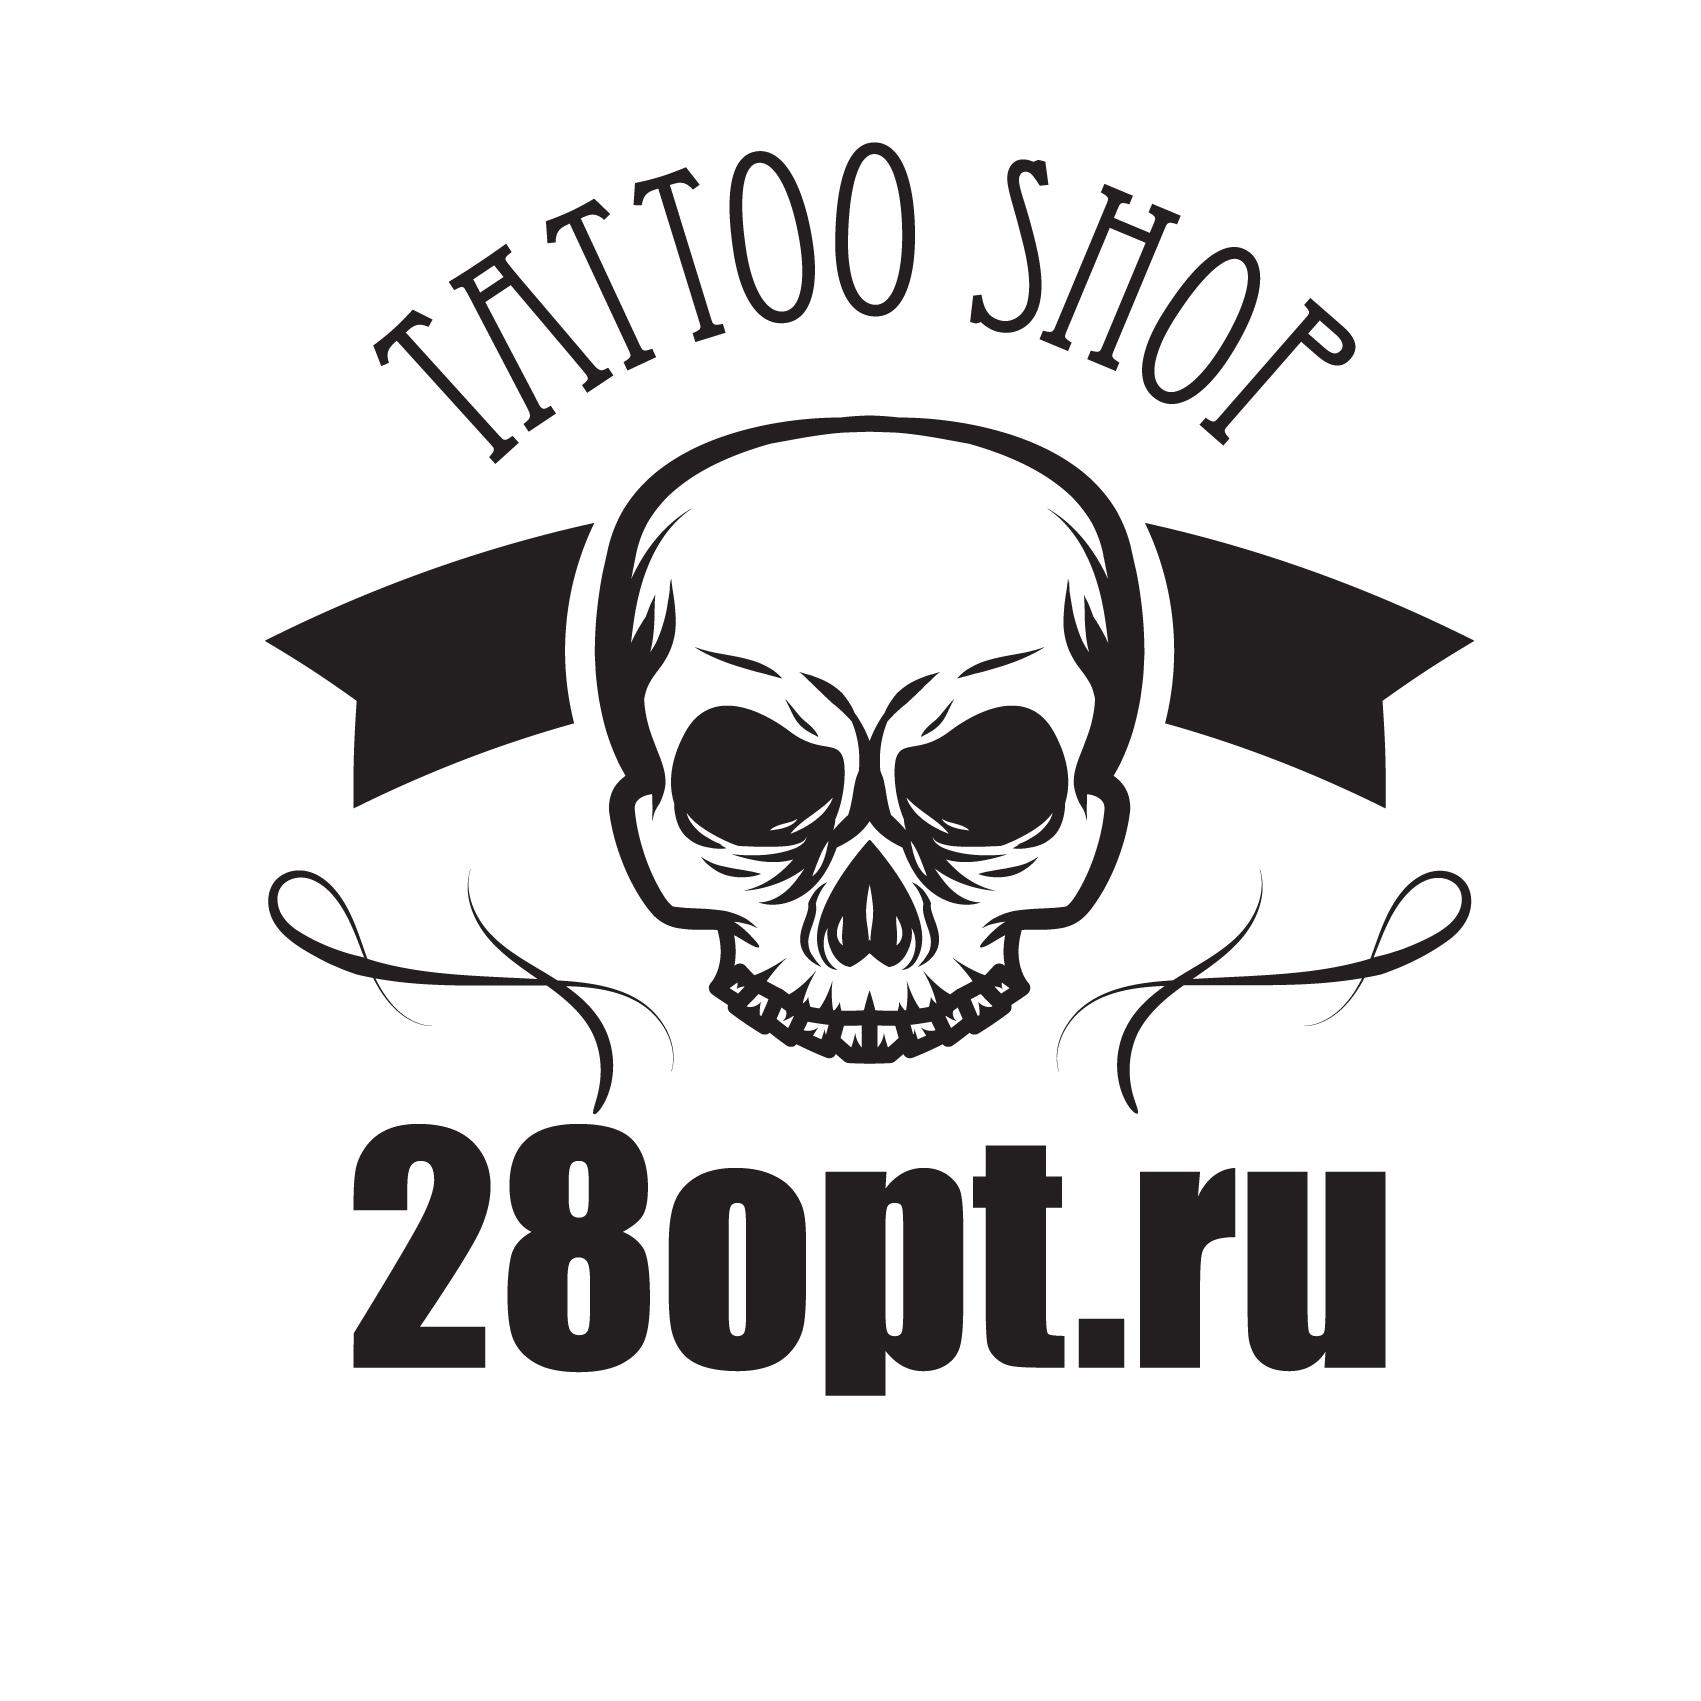 Редизайн стиля сувенирной продукции фото f_3965a4c092321182.jpg